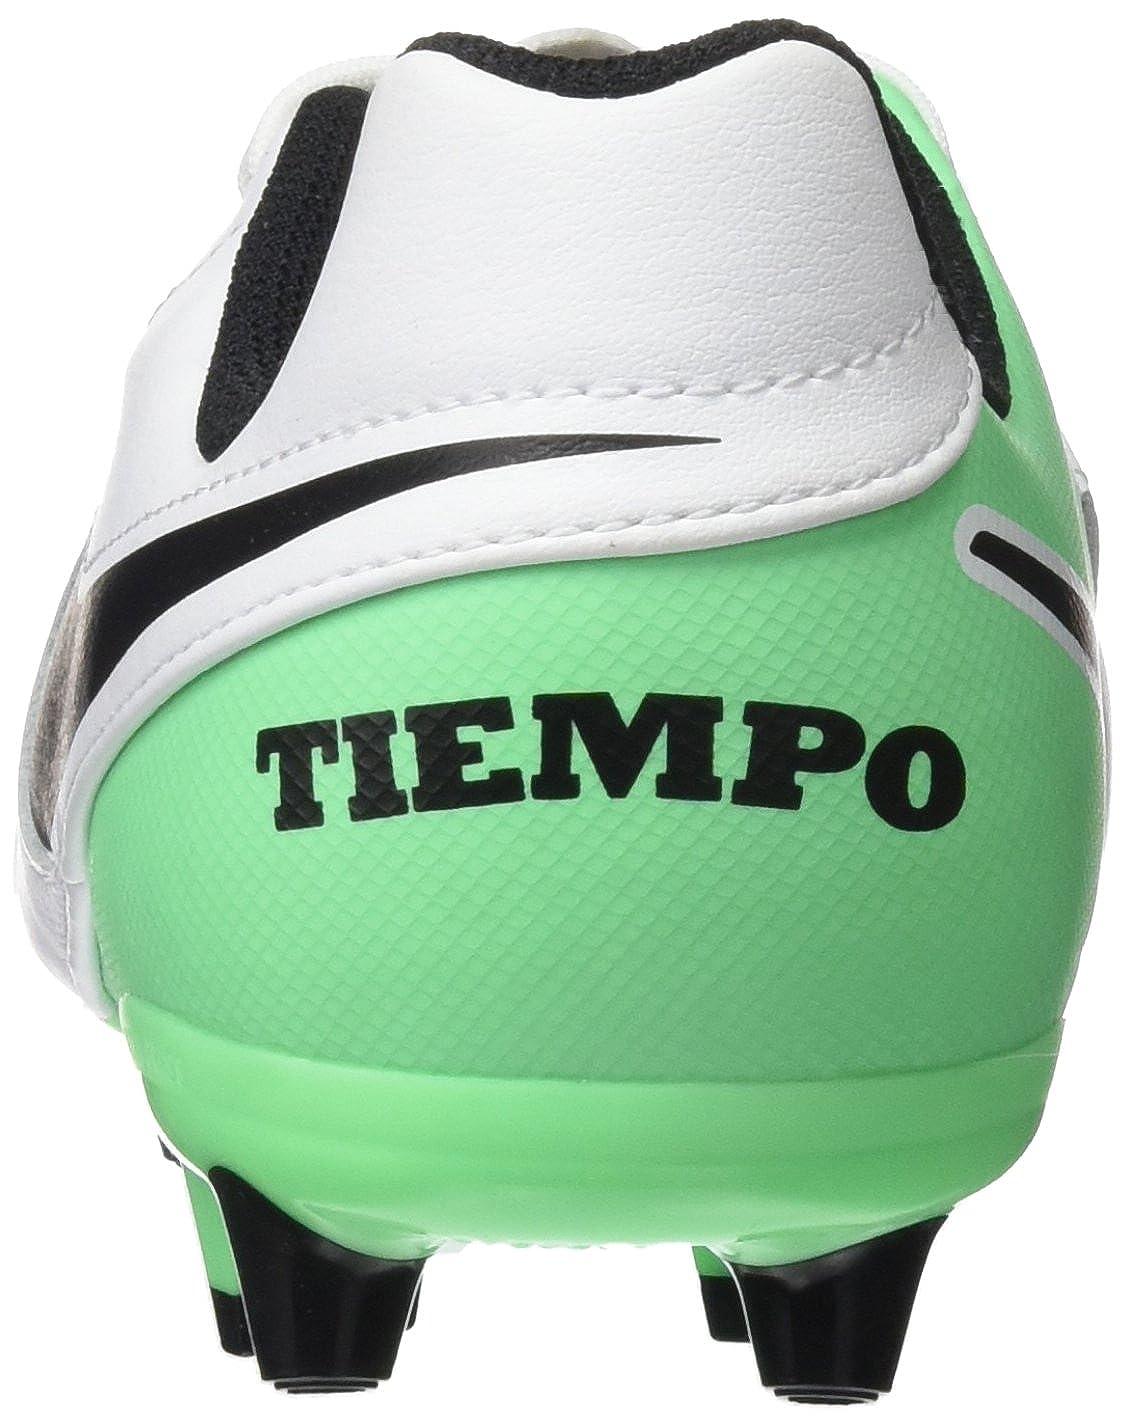 Nike Tiempo Legend Vi AG-Pro, Botas de fútbol Unisex para Niños, (White/Black/Electro Green), 33.5 EU: Amazon.es: Zapatos y complementos